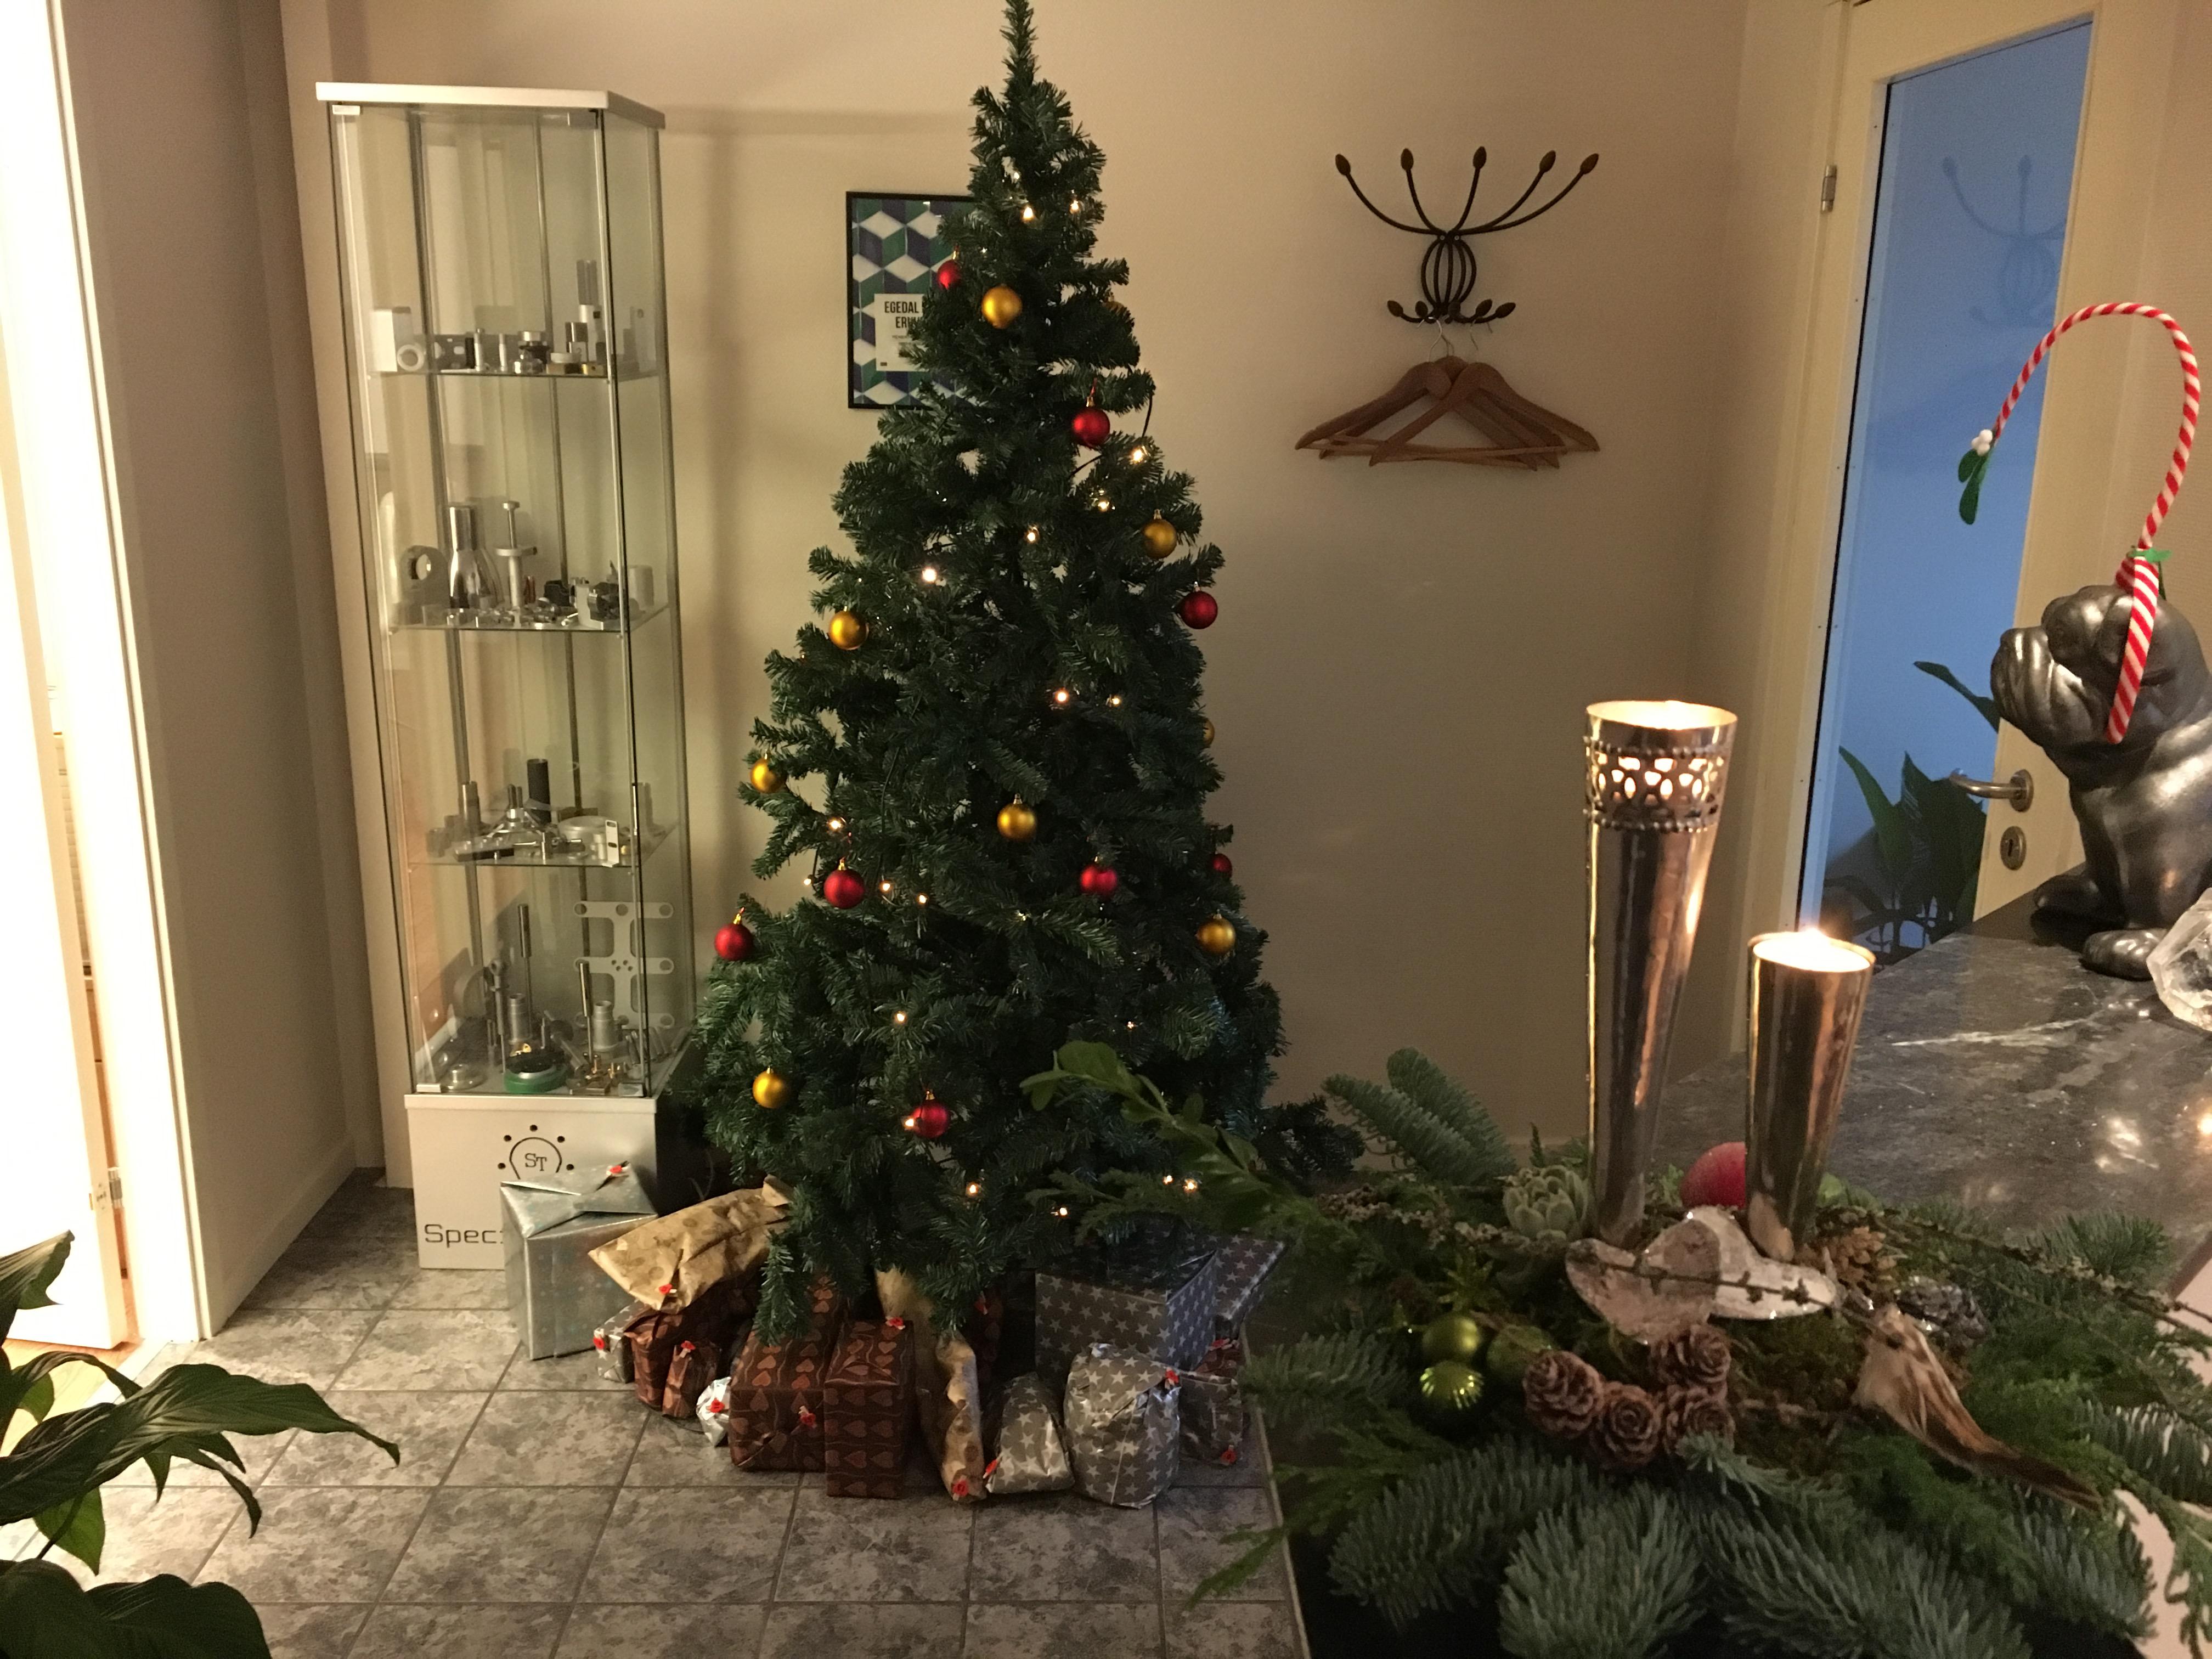 Glædelig jul fra Special-Teknik A/S - Maskinfabrik i Ølstykke